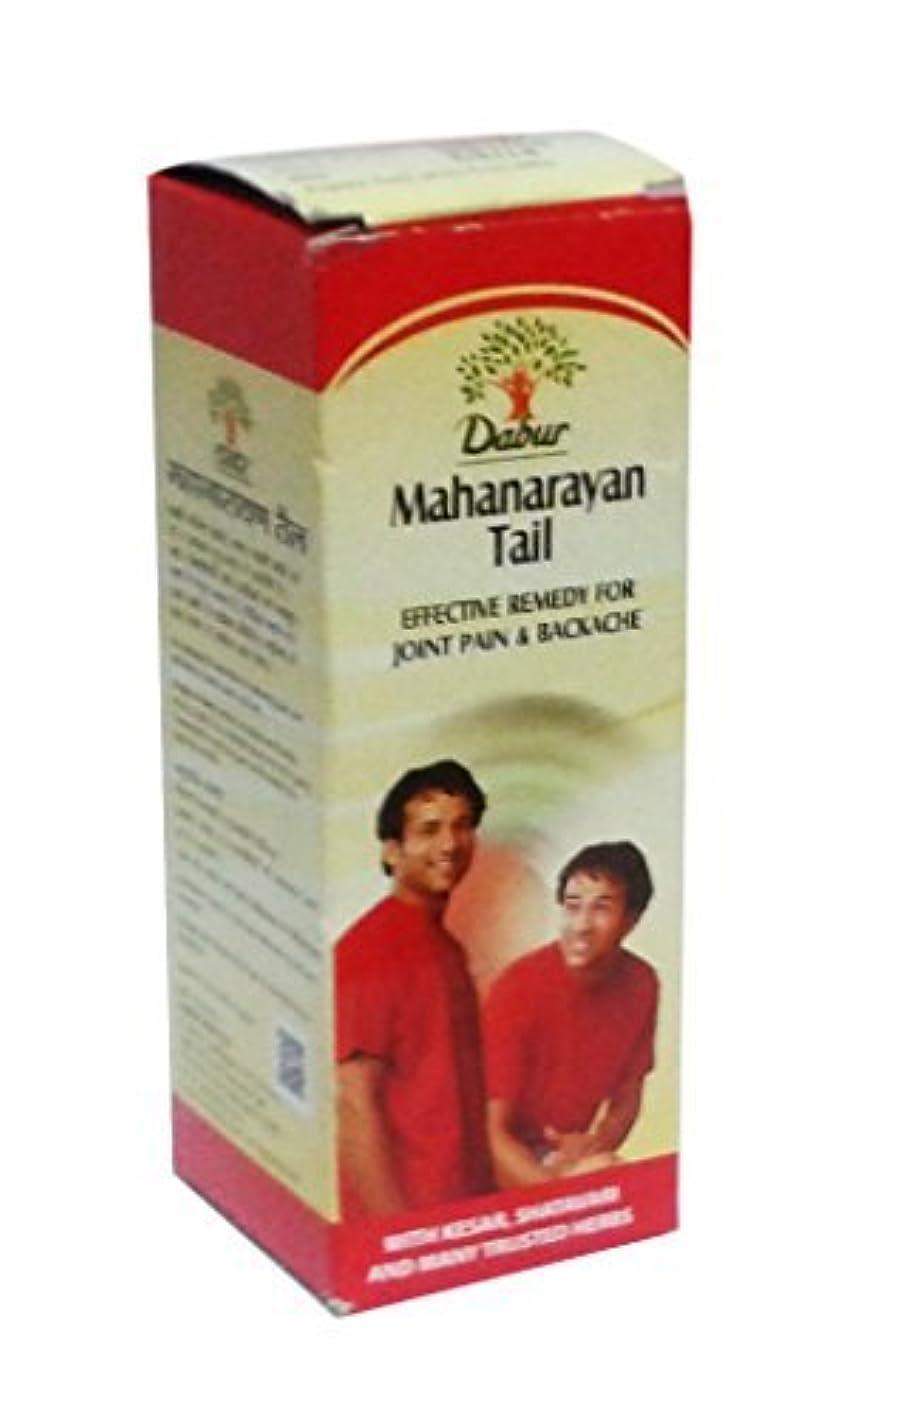 ことわざウガンダ干渉するDabur Mahanarayan Oil 100ml by Dabur [並行輸入品]